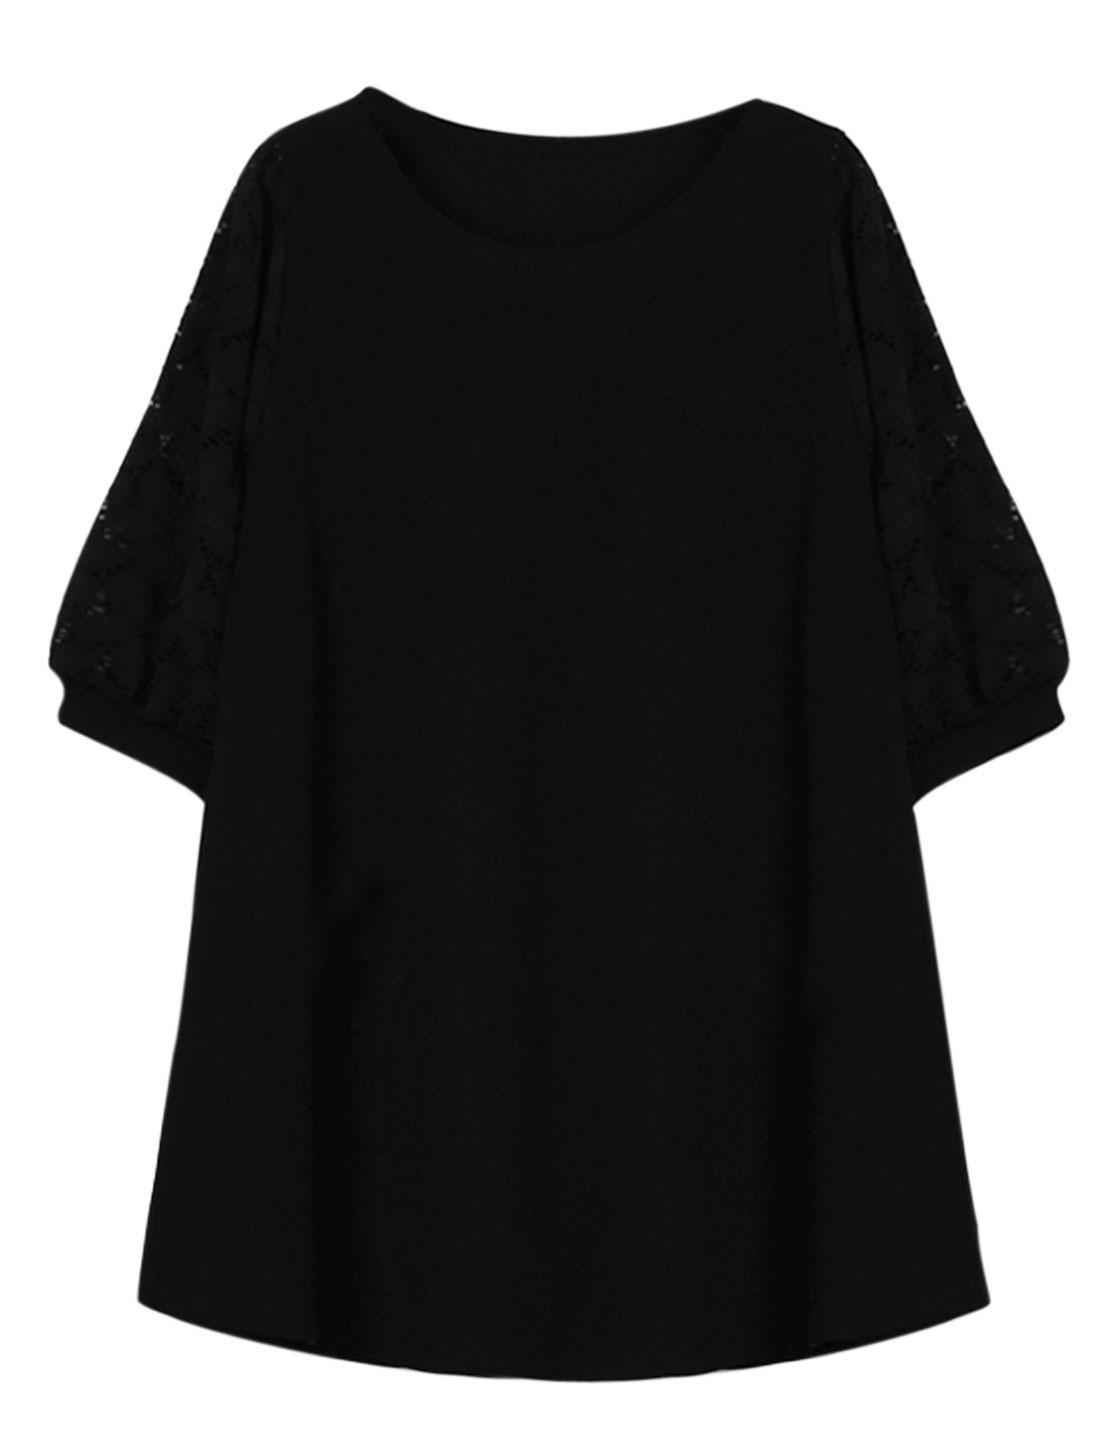 Woman Floral Design Lace Panel Round Neck A Line Dress Black L